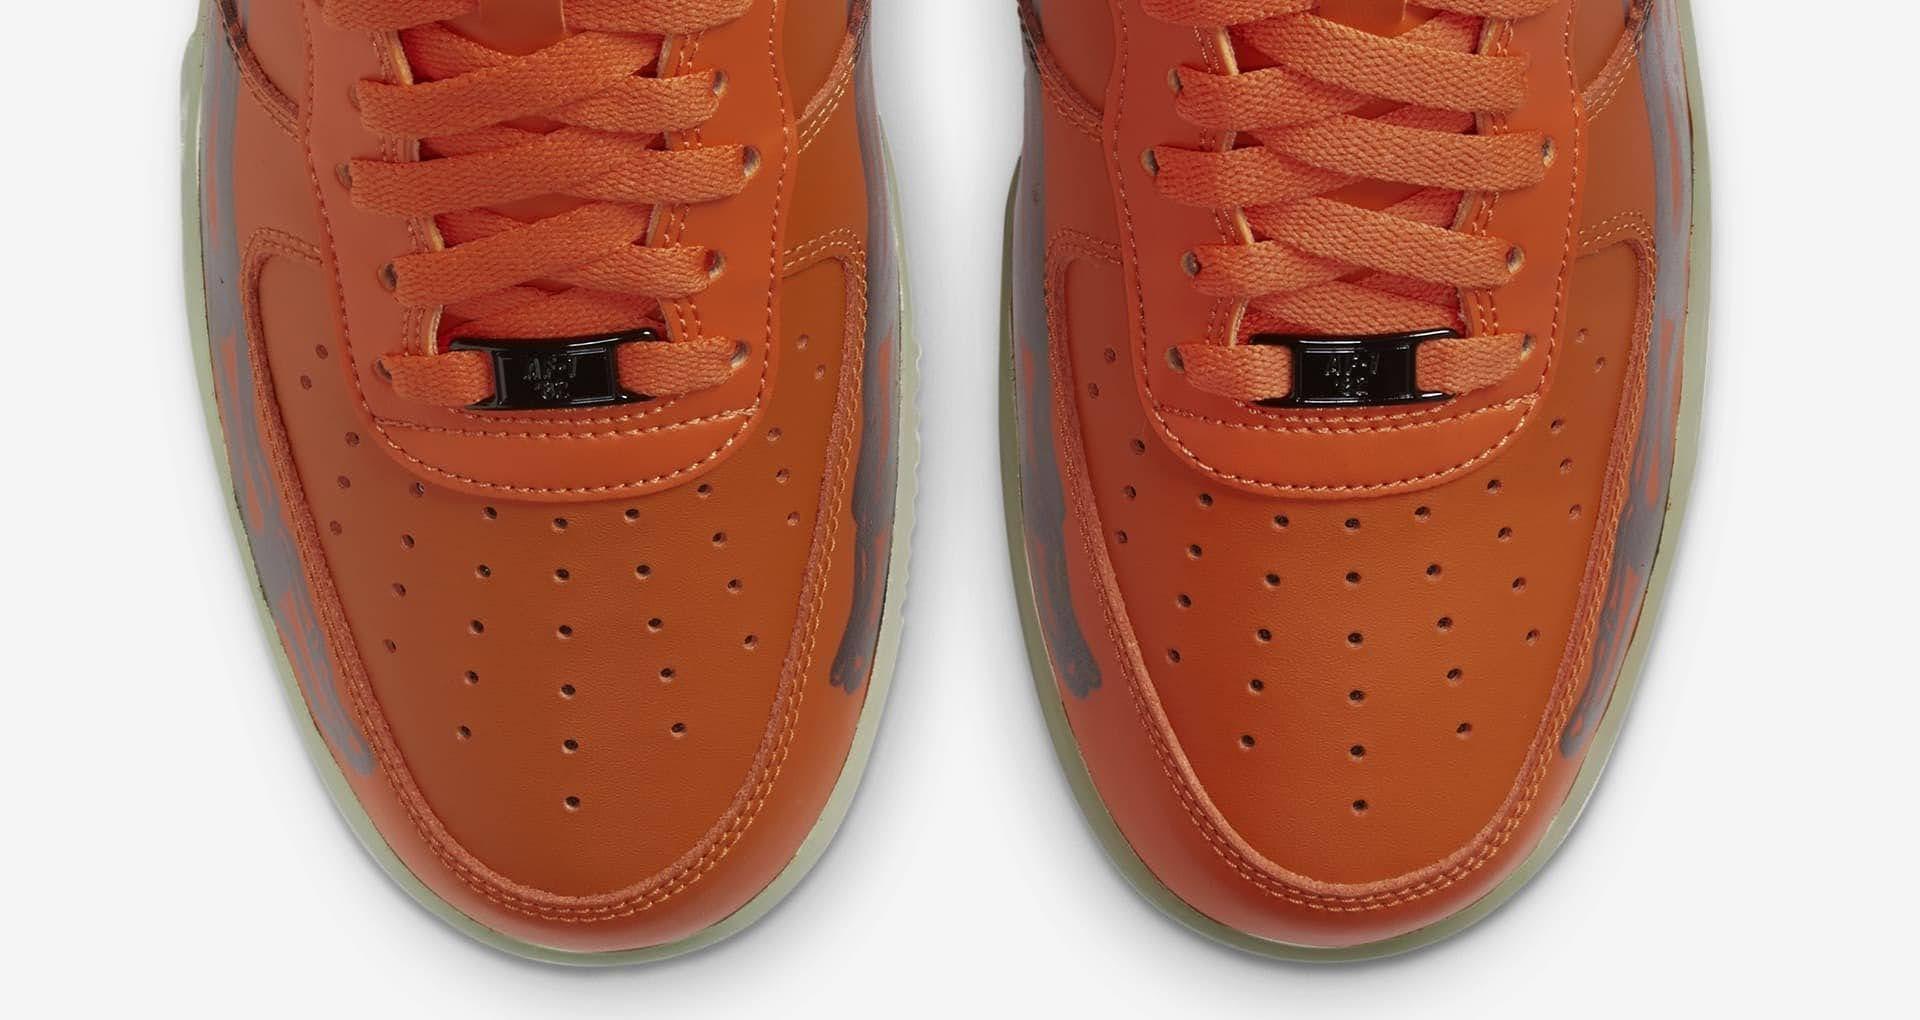 ナイキ エア フォース 1 スケルトン オレンジ nike-1-orange-af-1-skeleton-qs-cu8067-800-toe-closeup